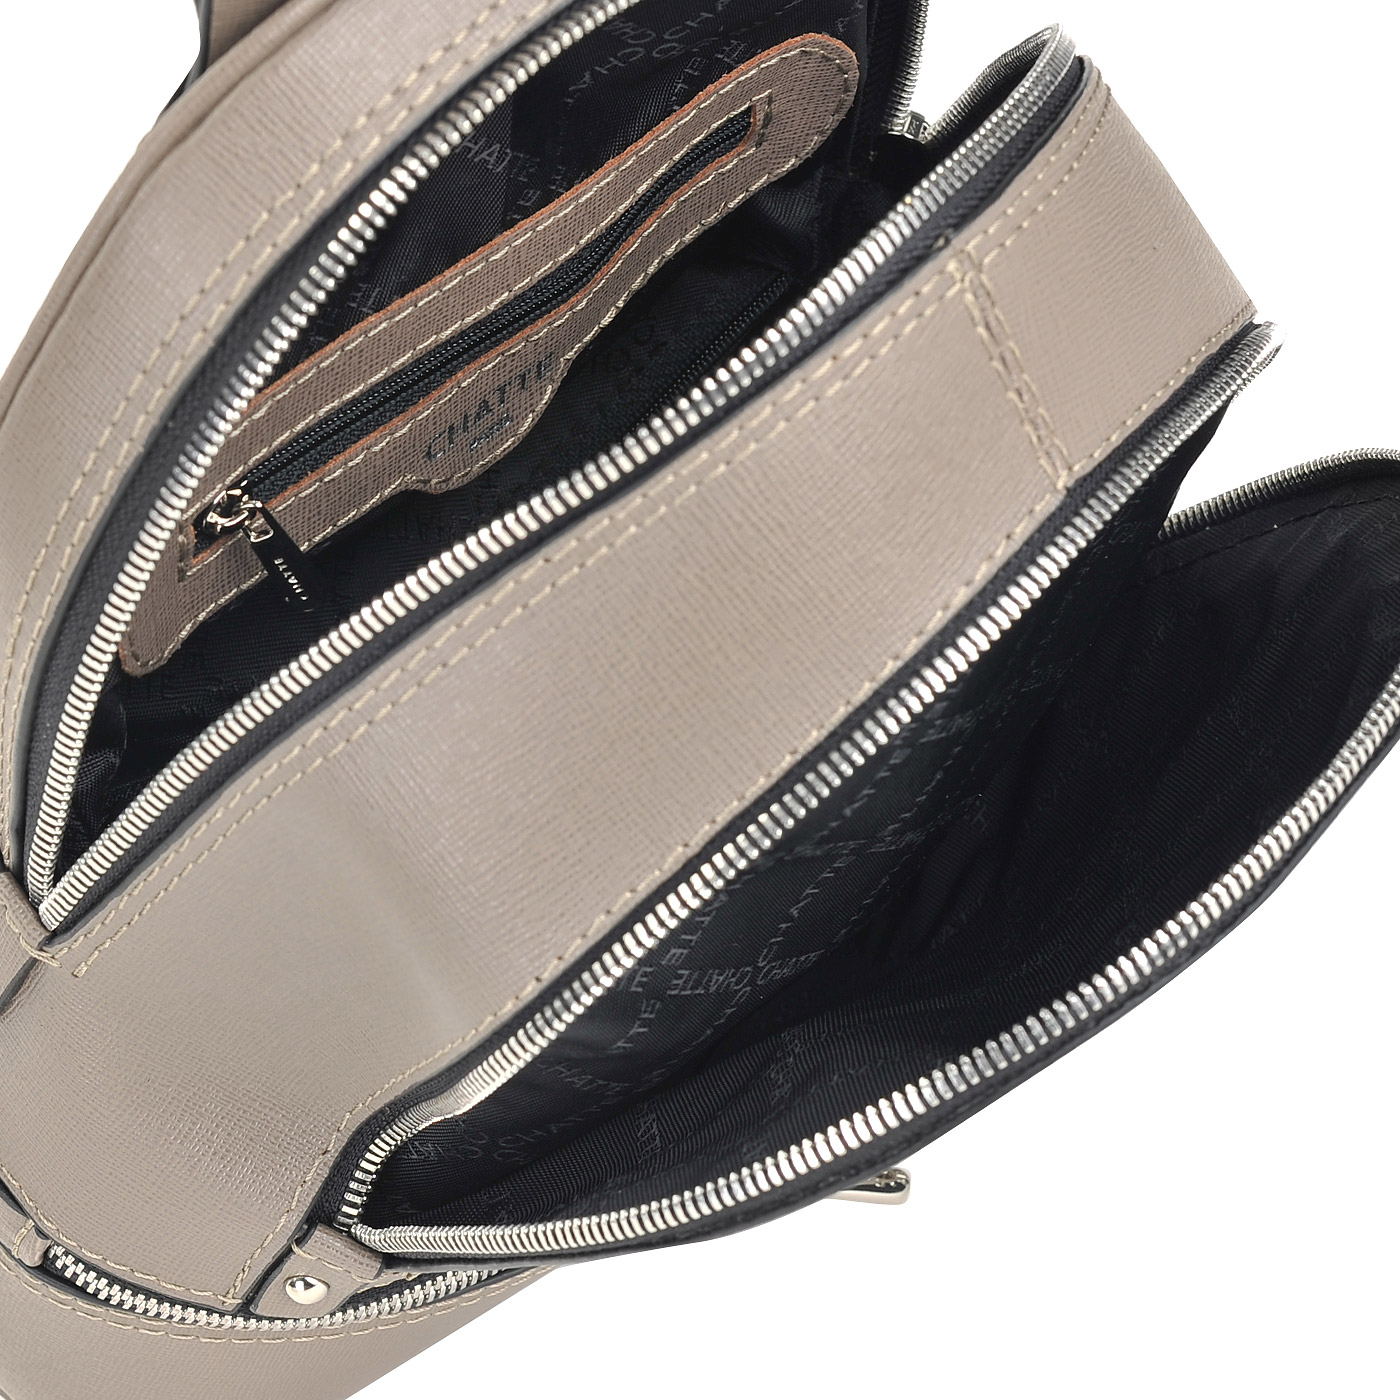 83f50c1e514d Женский рюкзак из сафьяновой кожи Chatte FT35190_grey ...